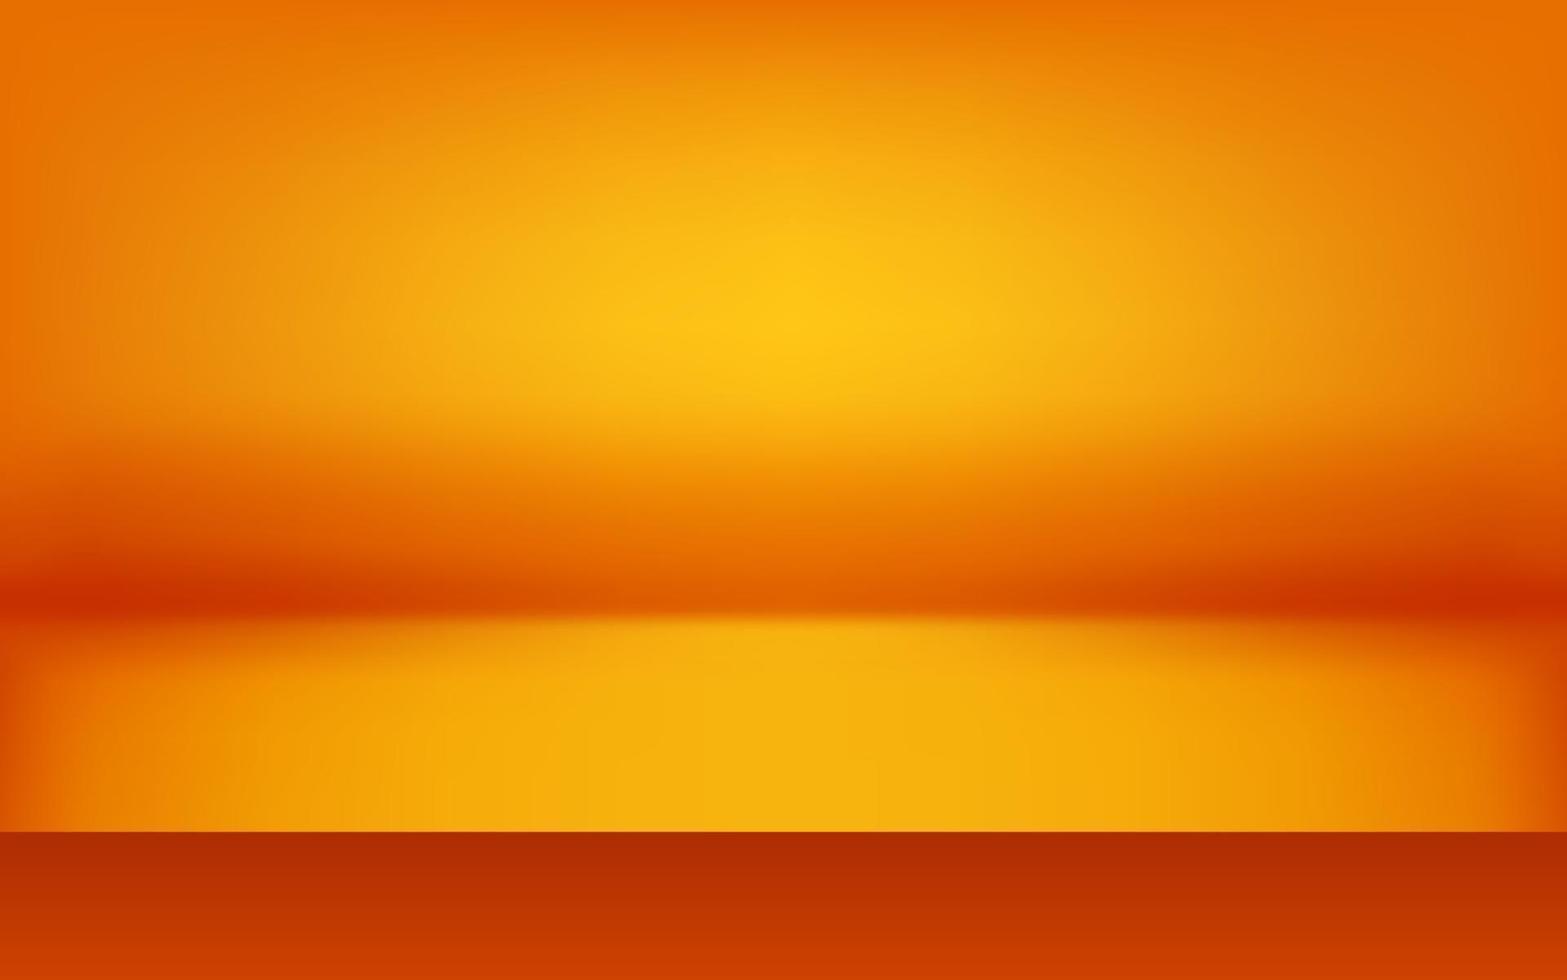 fond abstrait orange de luxe. conception de disposition d'halloween, studio, salle. papier de rapport d'activité avec un dégradé lisse pour bannière, carte. illustration vectorielle vecteur